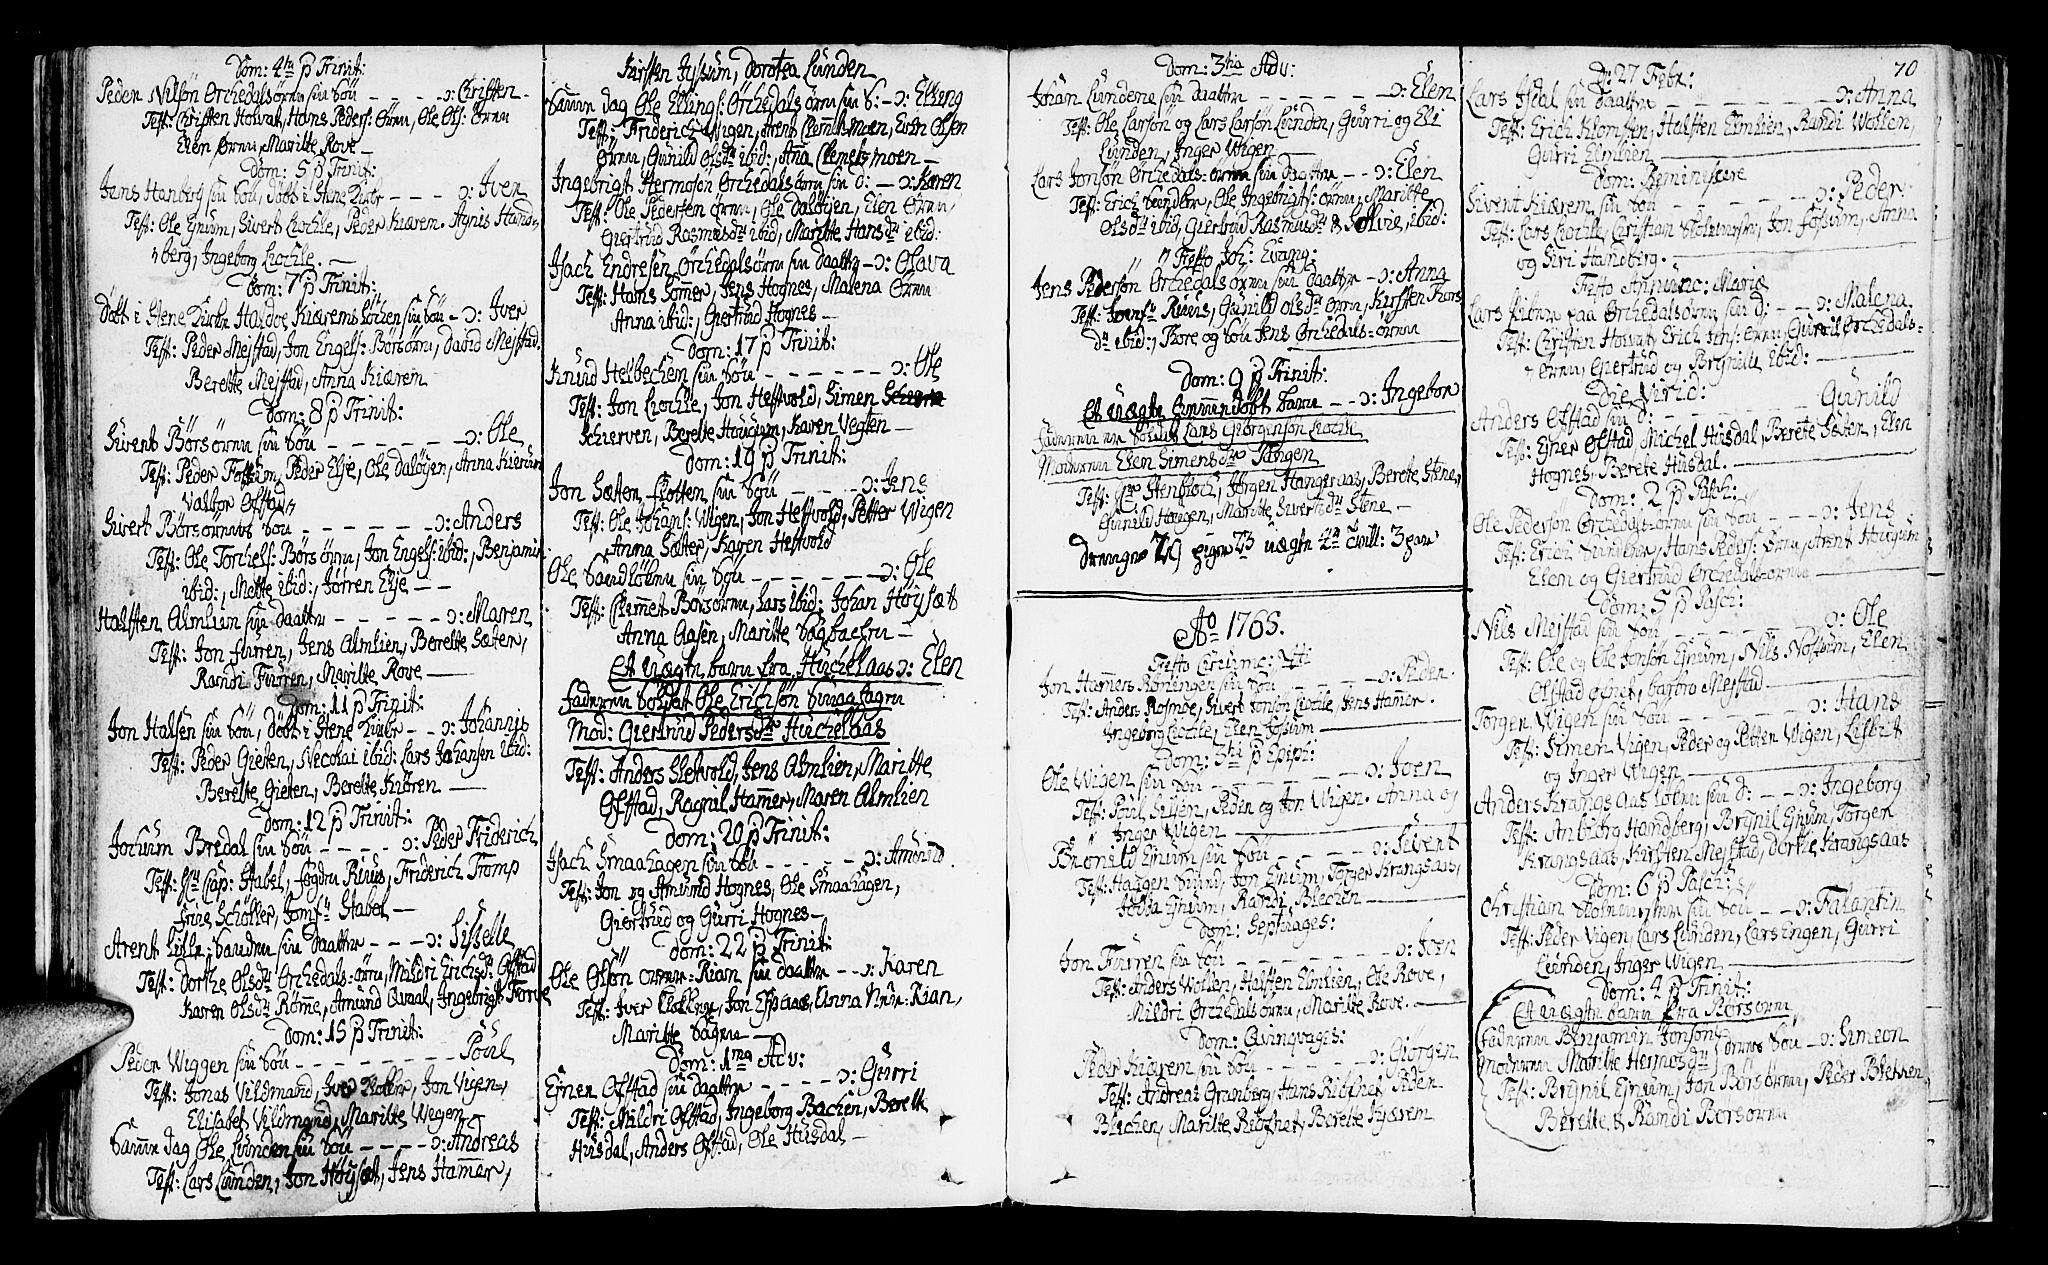 SAT, Ministerialprotokoller, klokkerbøker og fødselsregistre - Sør-Trøndelag, 665/L0768: Ministerialbok nr. 665A03, 1754-1803, s. 70